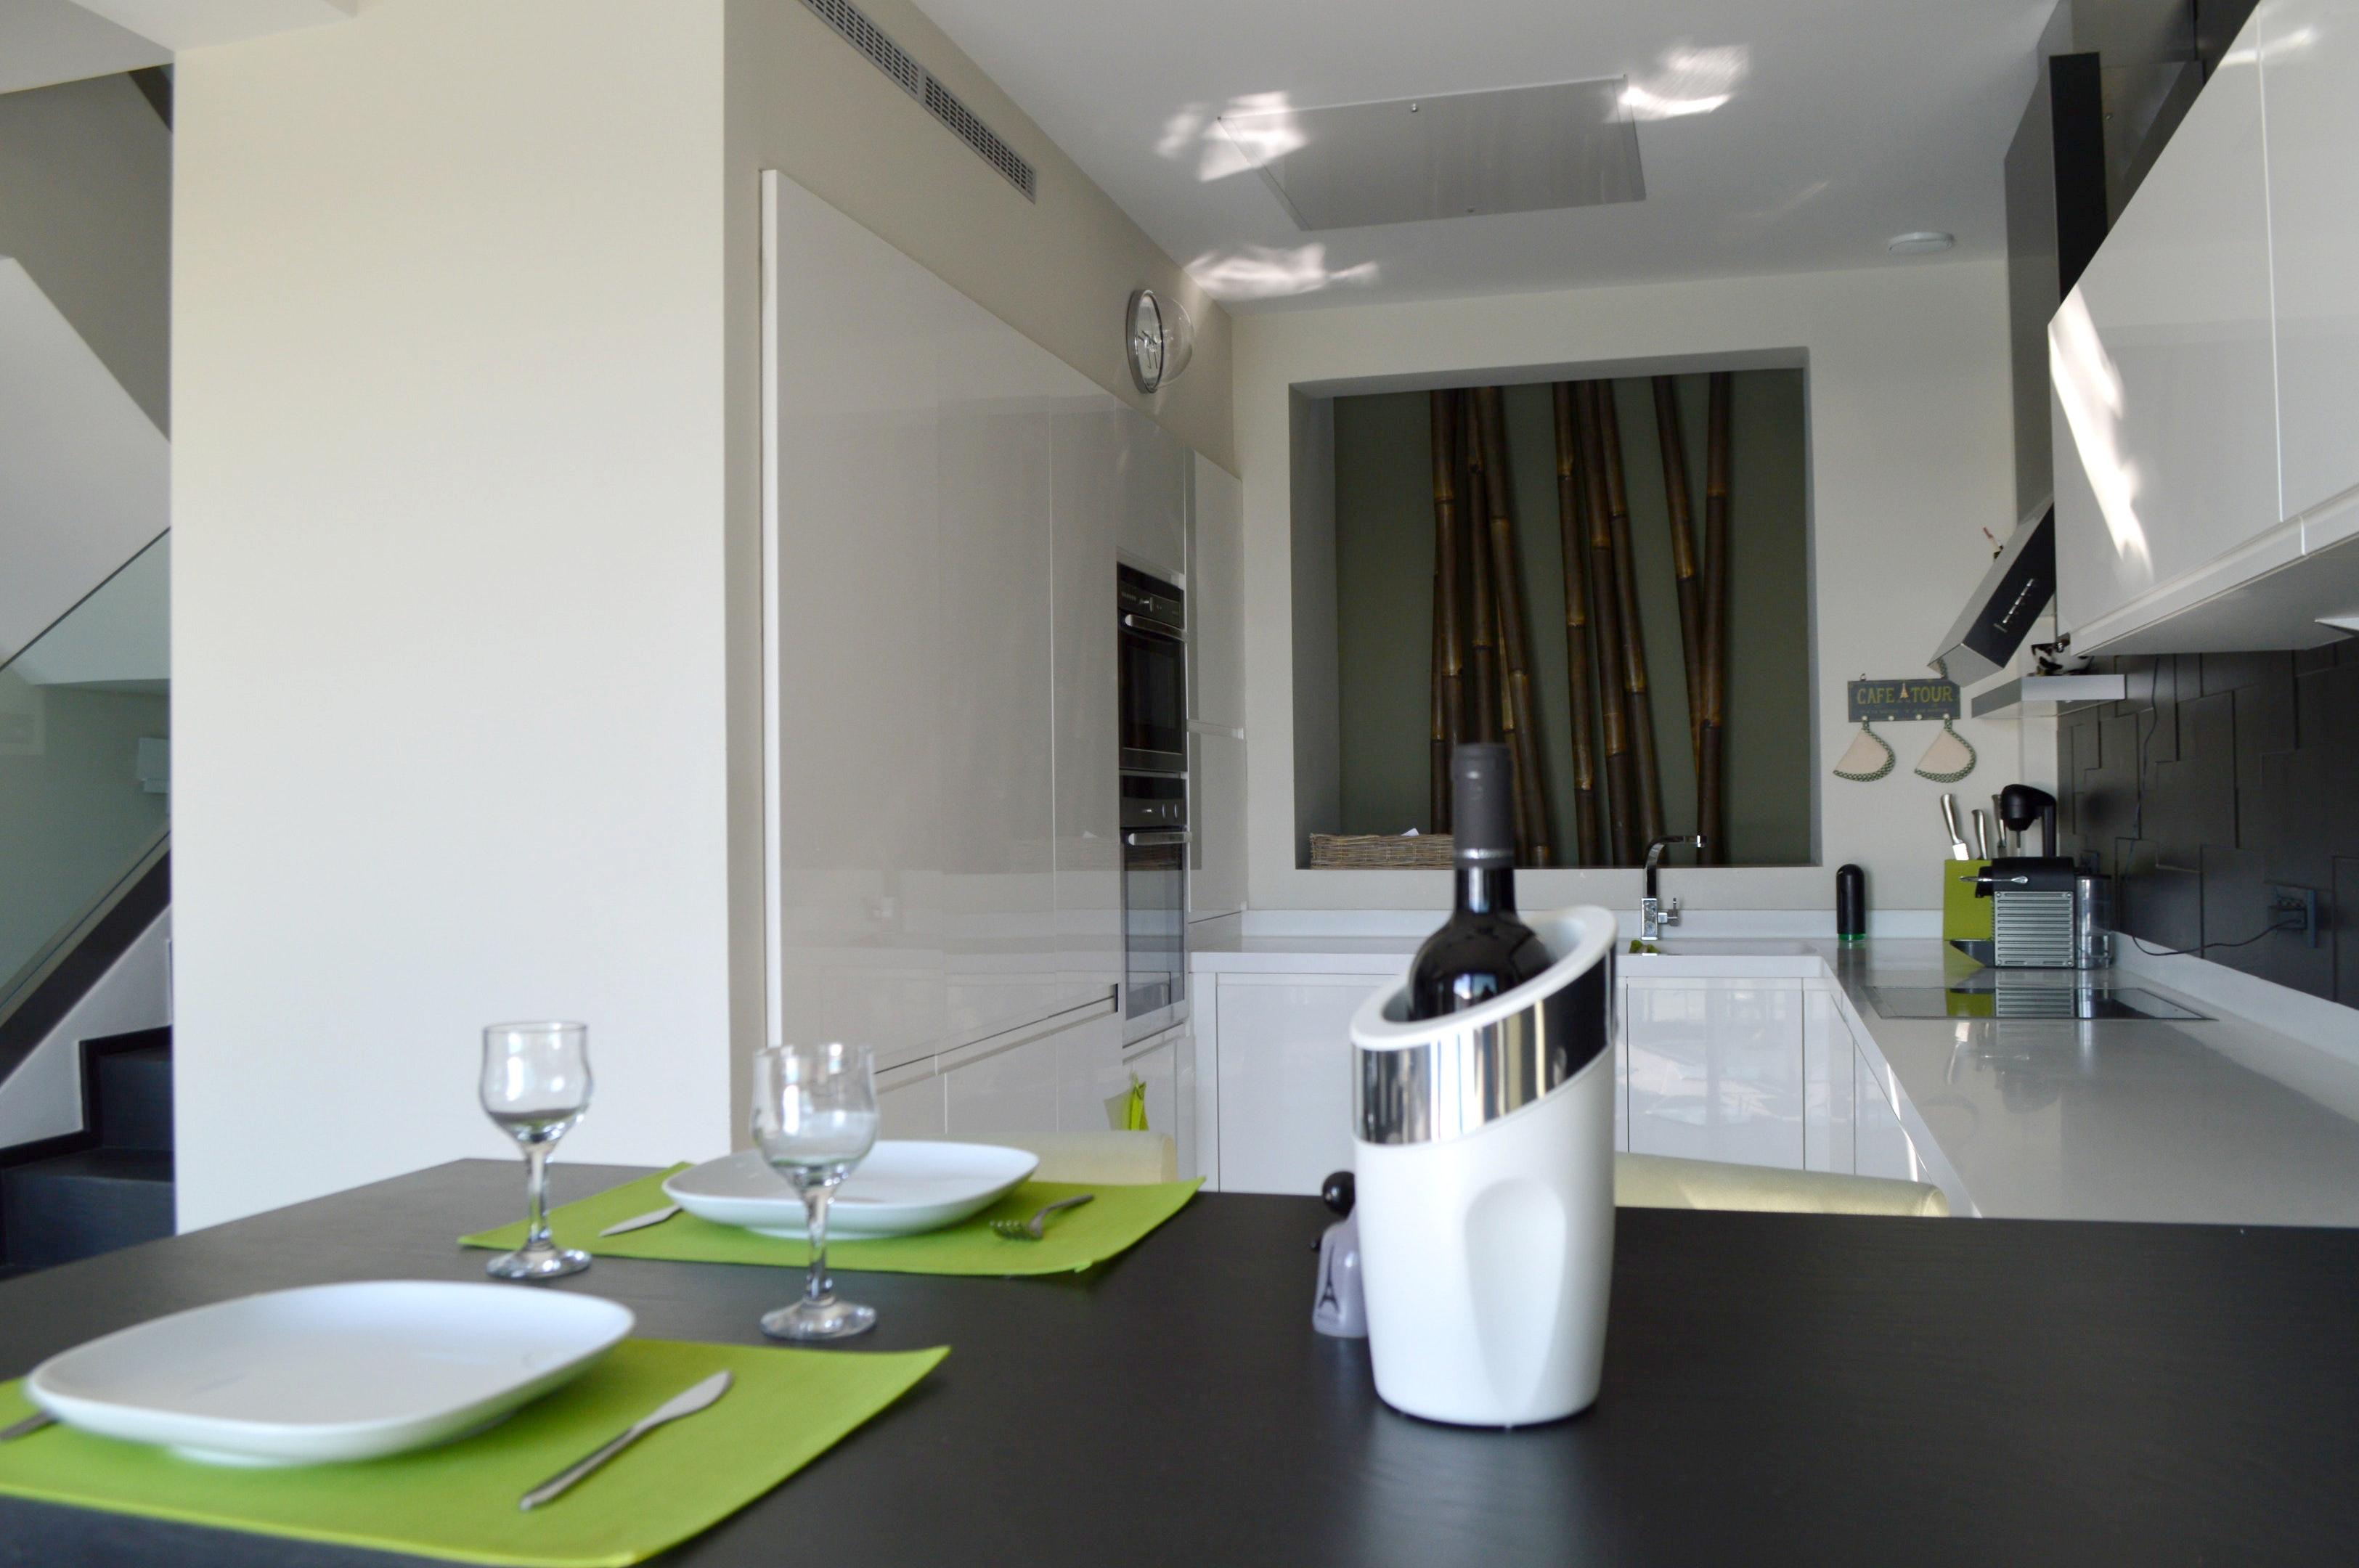 Maison de vacances Villa mit 4 Schlafzimmern in Anavissos mit herrlichem Meerblick, privatem Pool, eingezäunt (2339408), Thimari, , Attique, Grèce, image 19